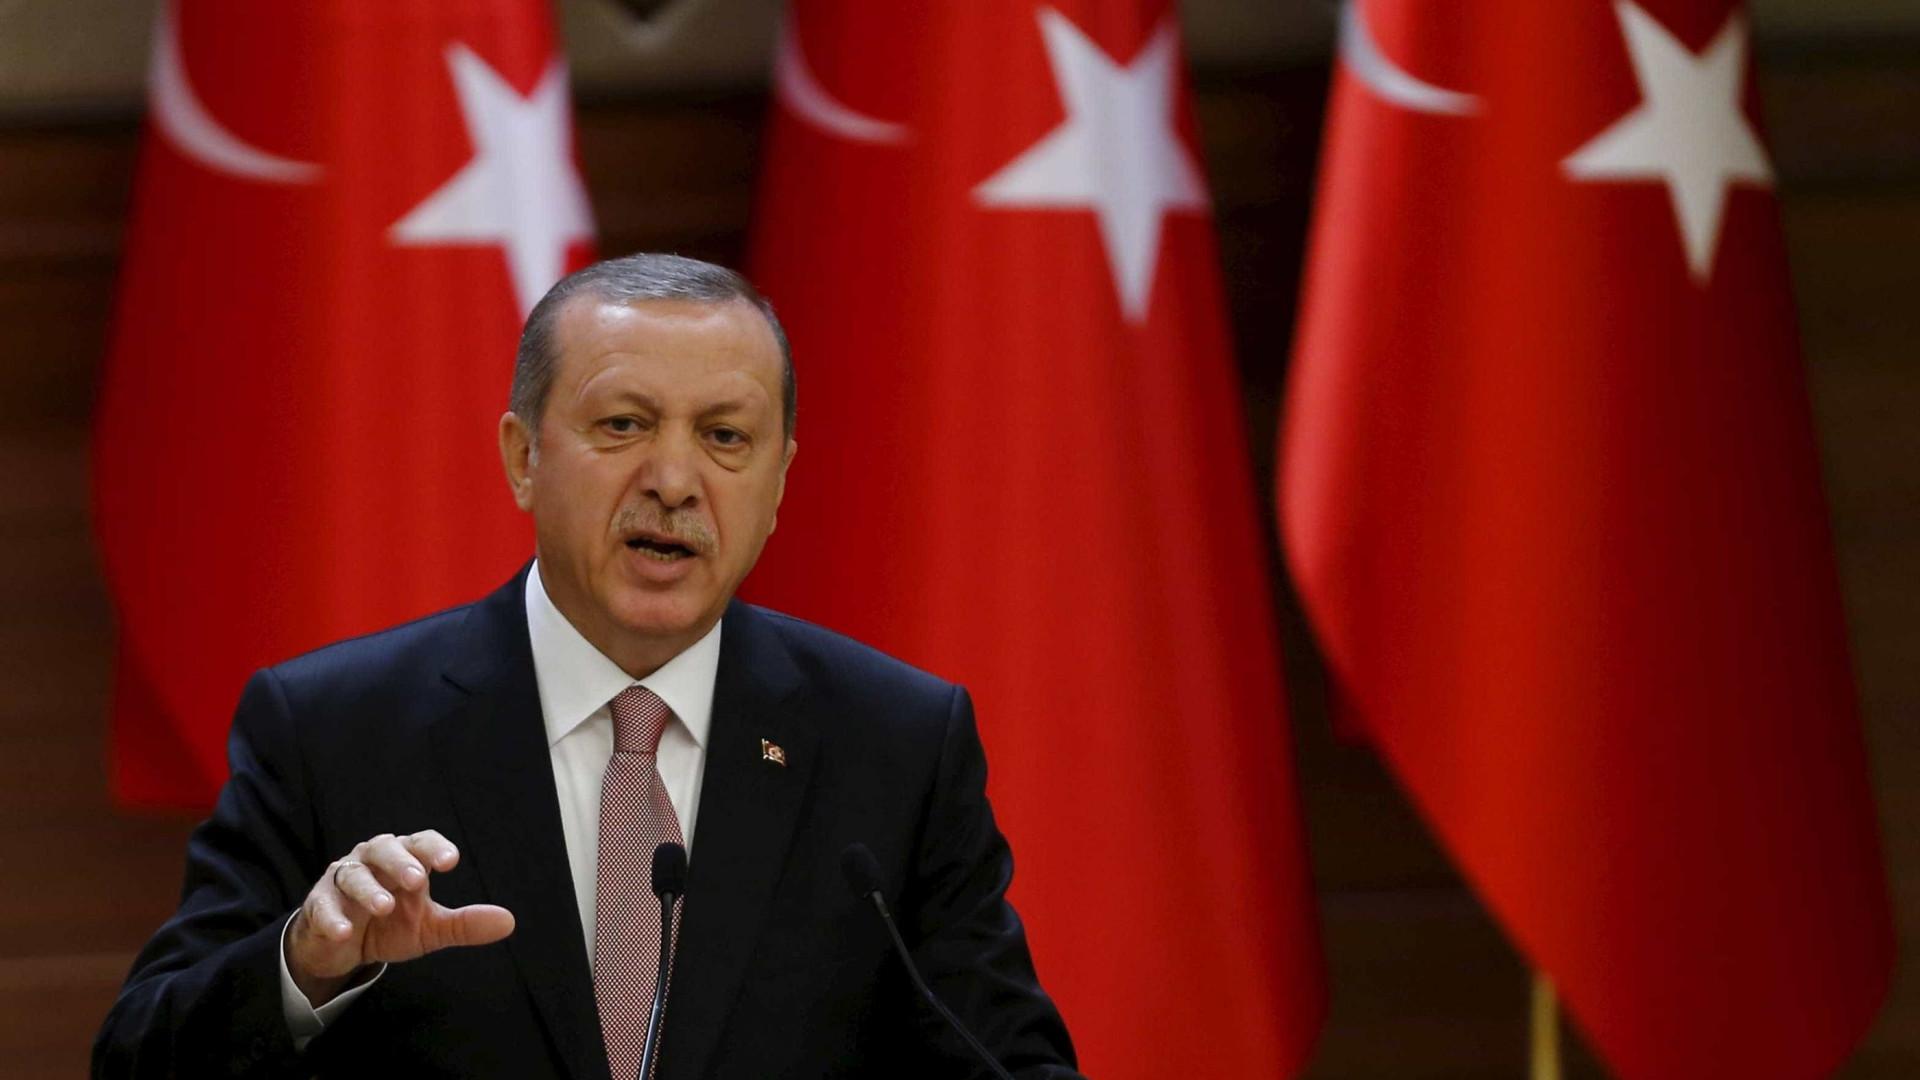 """Turquia classifica decisão da Áustria como """"islamofóbica e racista"""""""